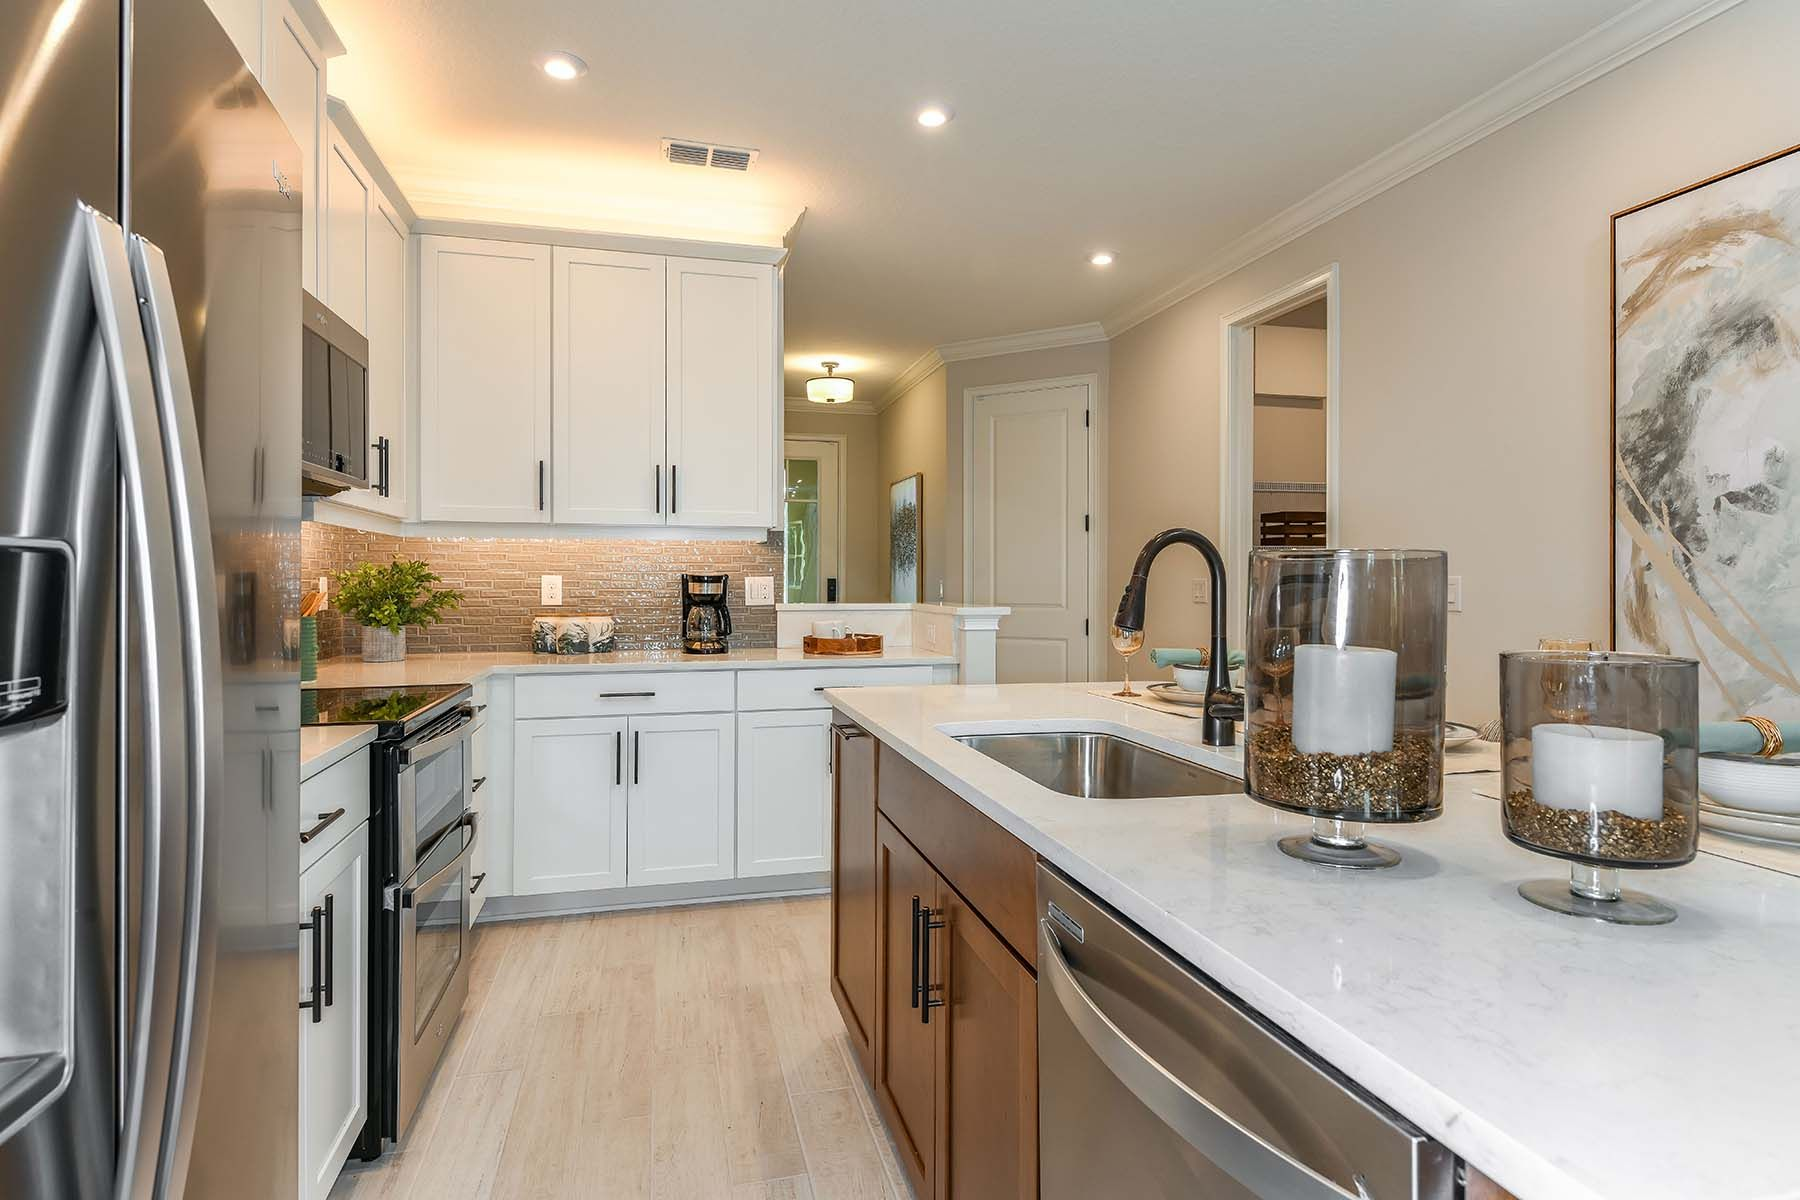 Kitchen featured in the Sandbar By Mattamy Homes in Sarasota-Bradenton, FL